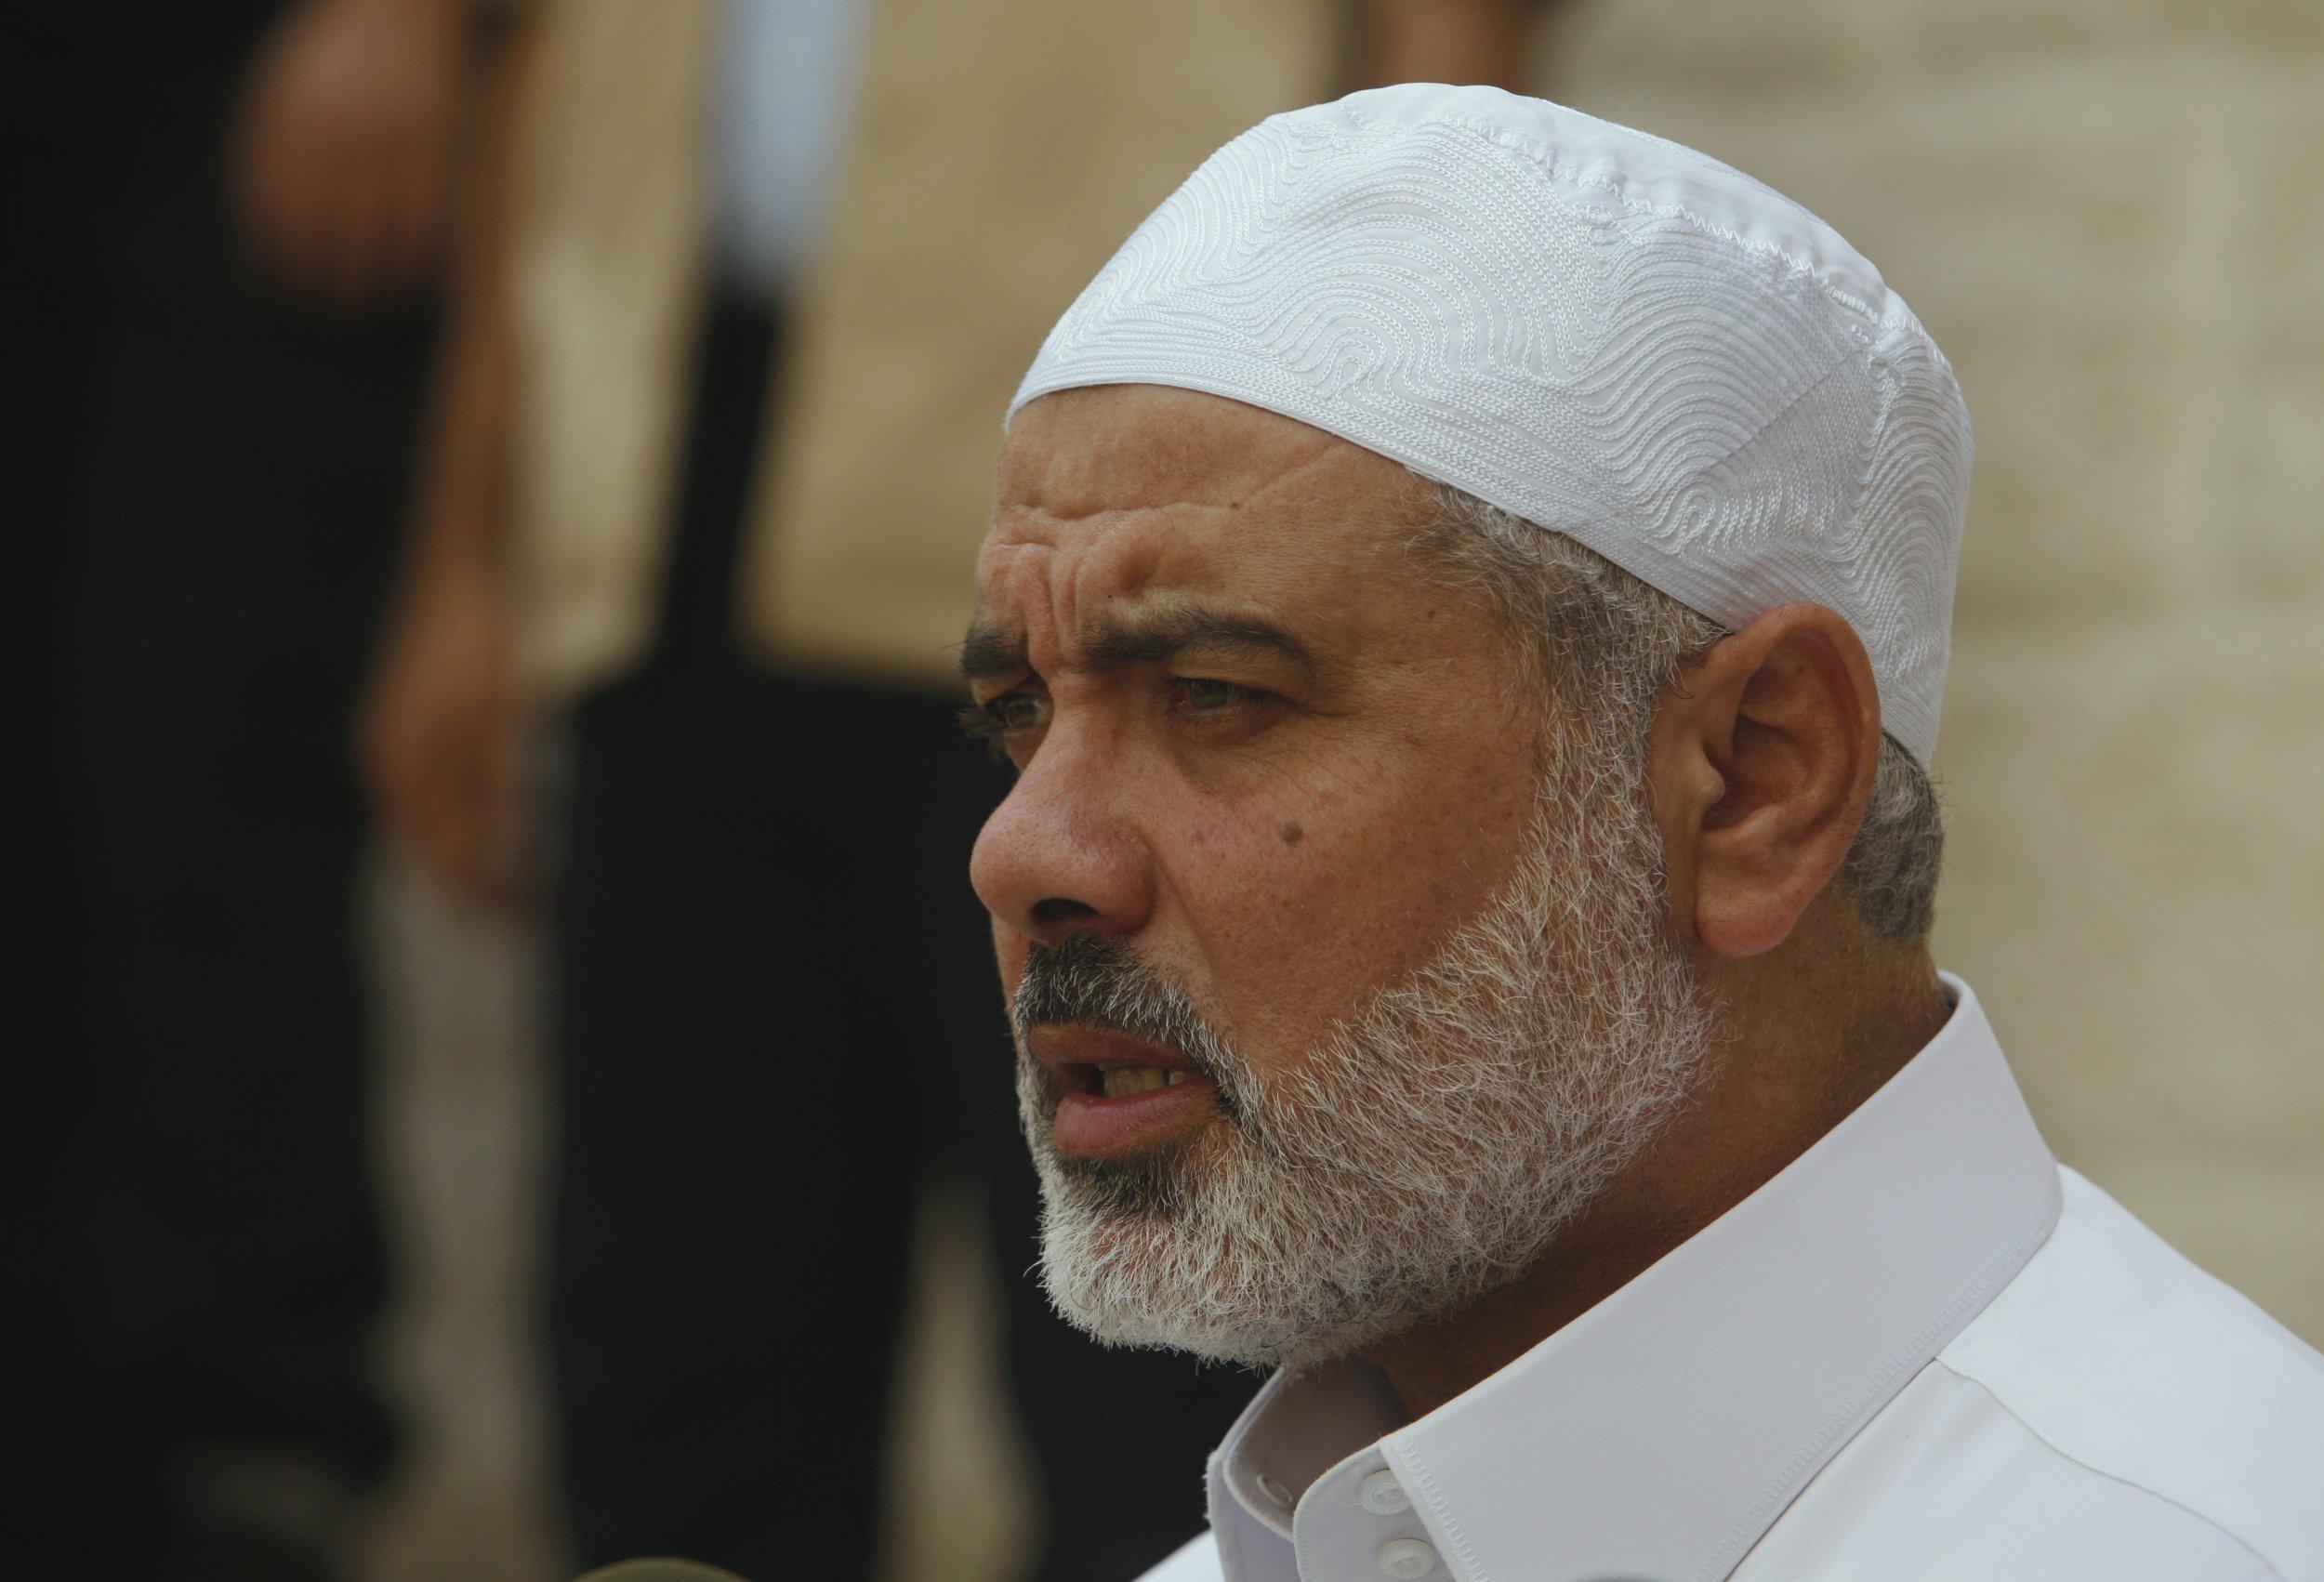 10_23_Face_Hamas_01